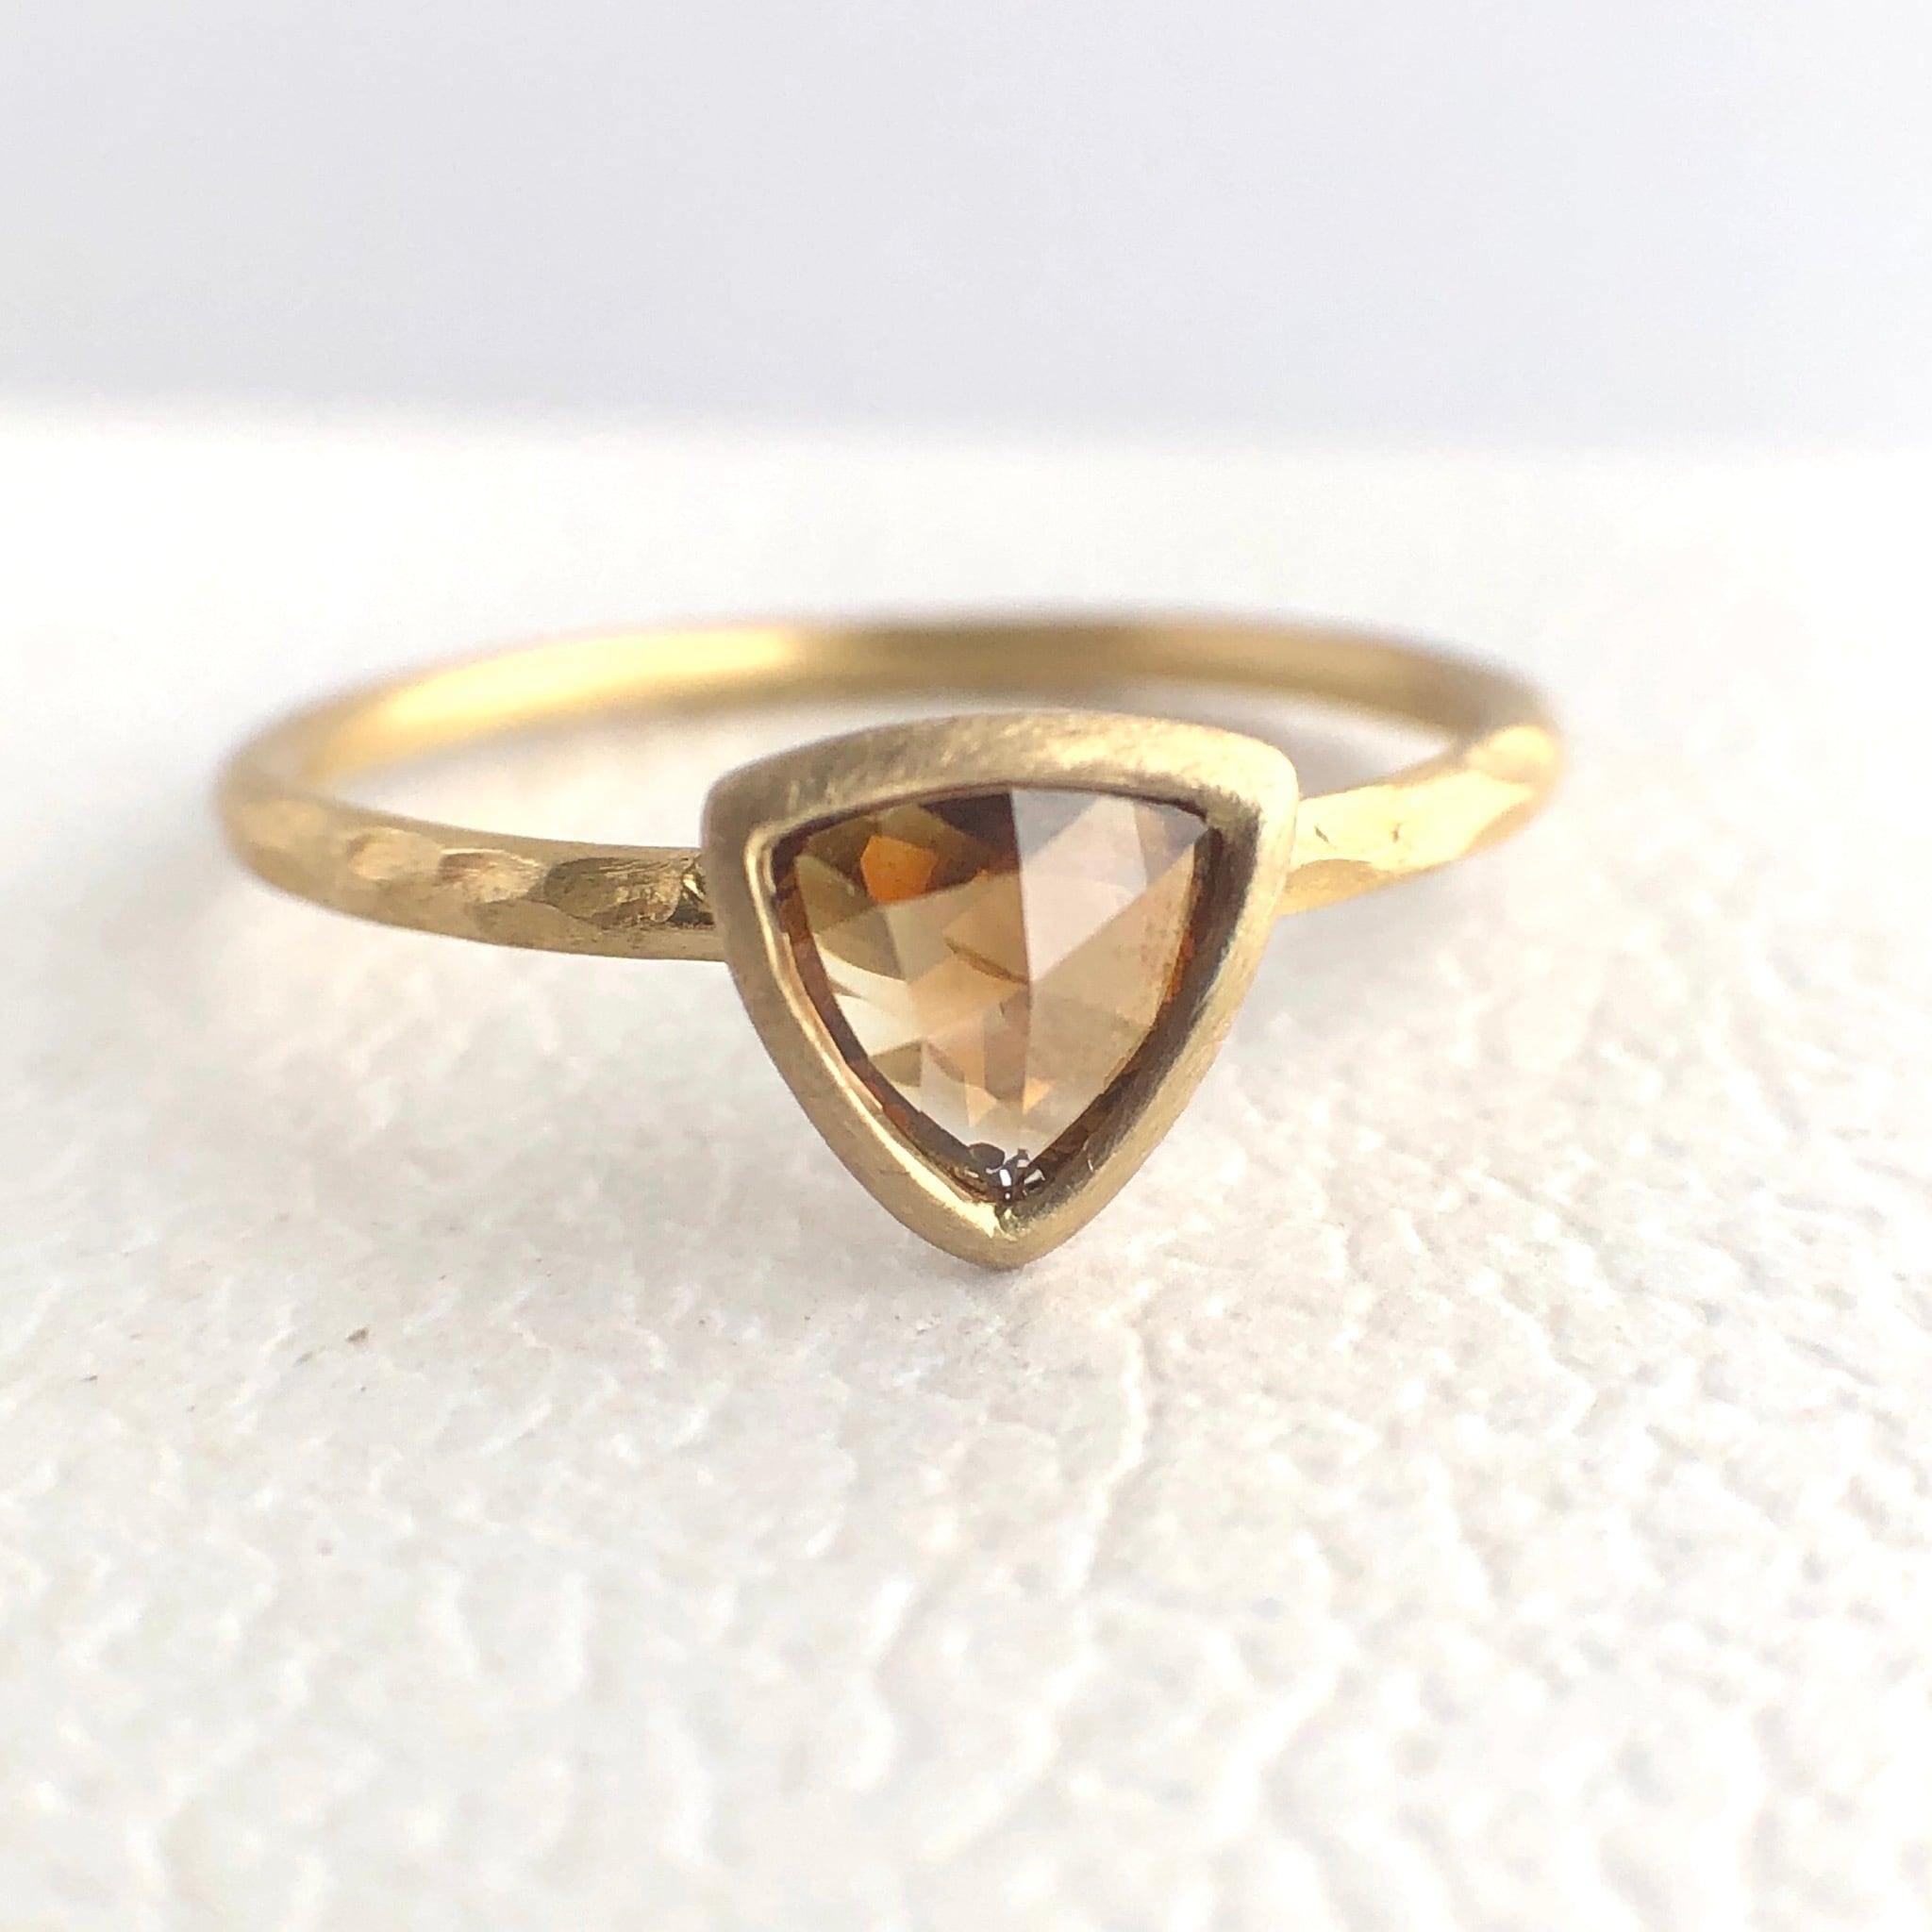 ナチュラルダイヤモンドリング 0.296ct  K18イエローゴールド チェカ 鑑別書付